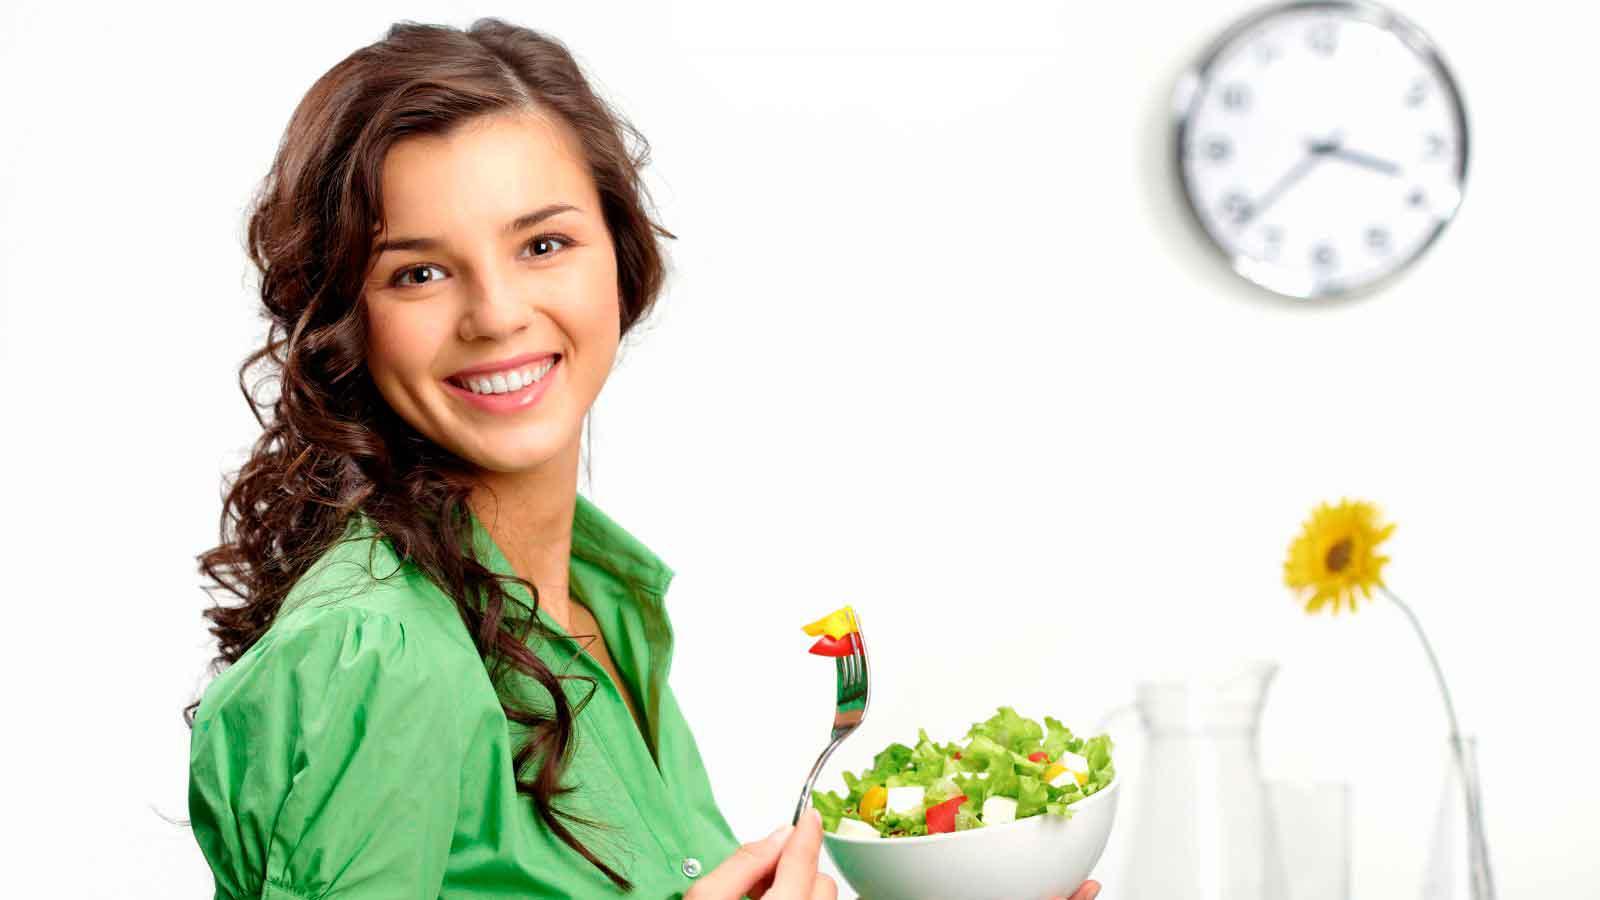 Диета для похудения за неделю на 7-10: популярные рецепты